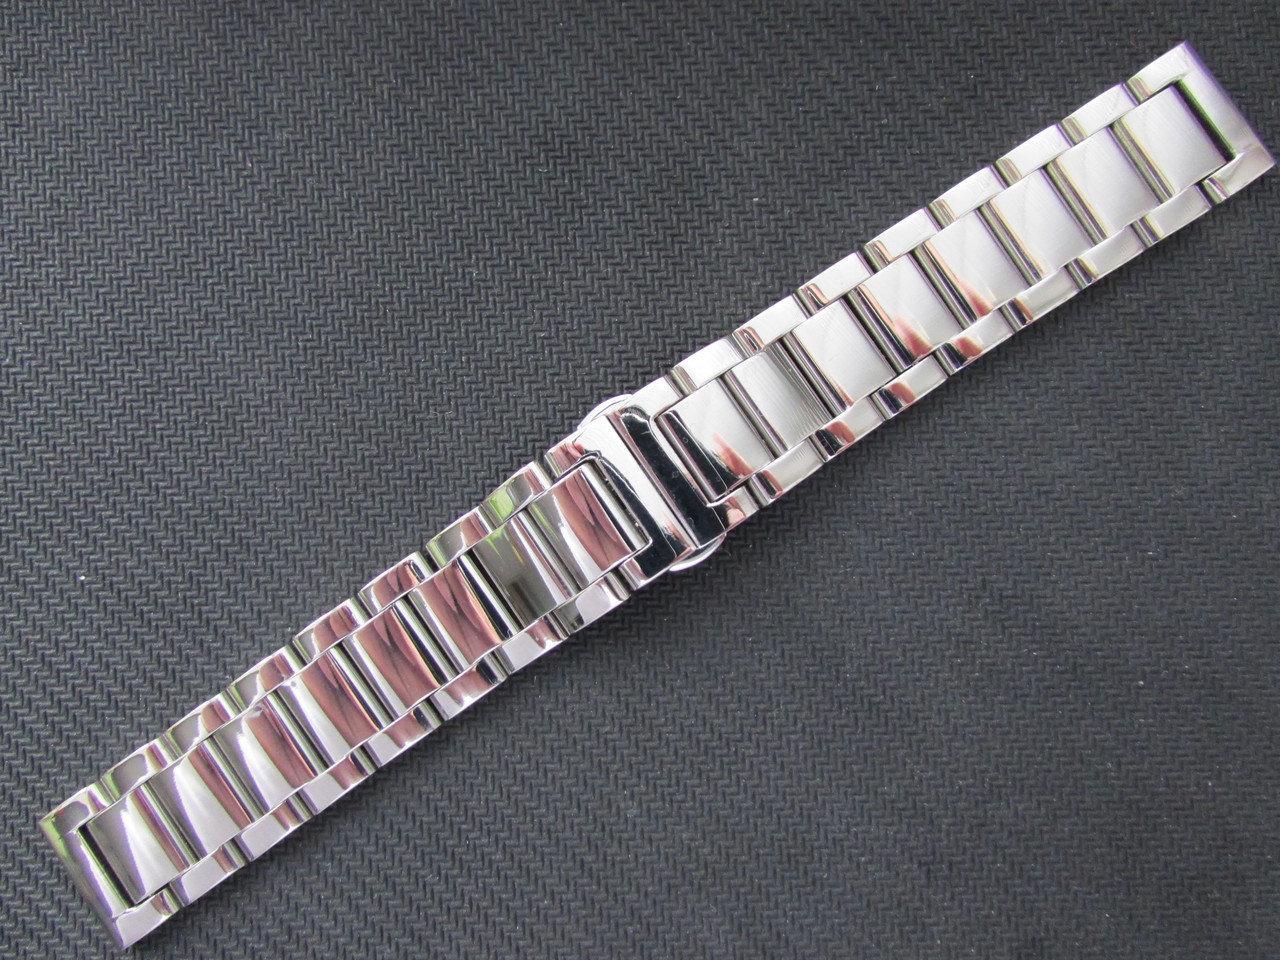 Браслет для часов из нержавеющей ювелирной стали 316L, литой, глянец. 20 мм